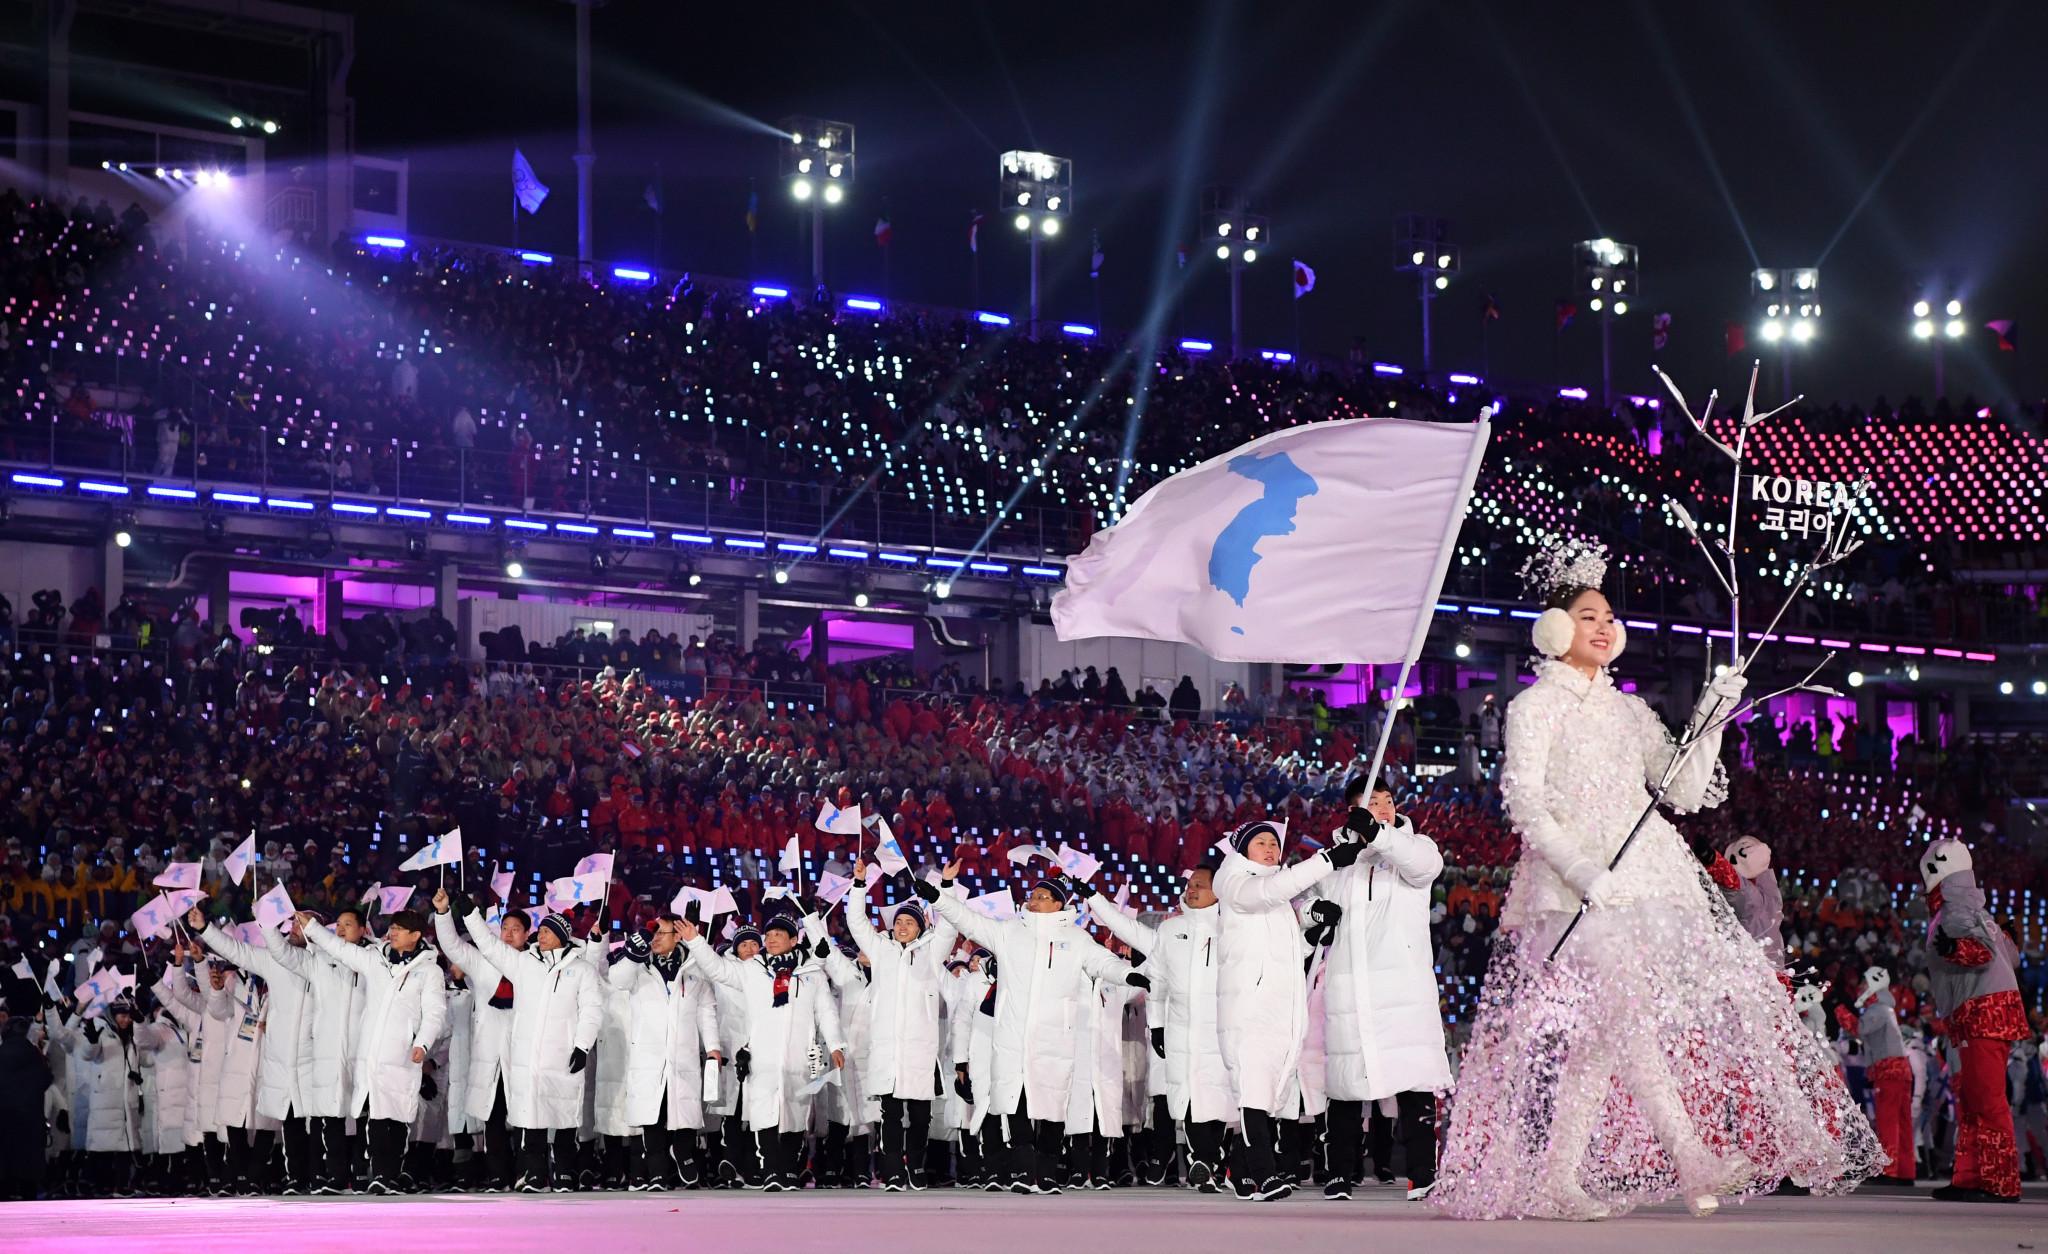 Entrada Das Delegações Coreanas Unidas Sob A Bandeira Da Coreia Unificada. Foto: Inside The Games